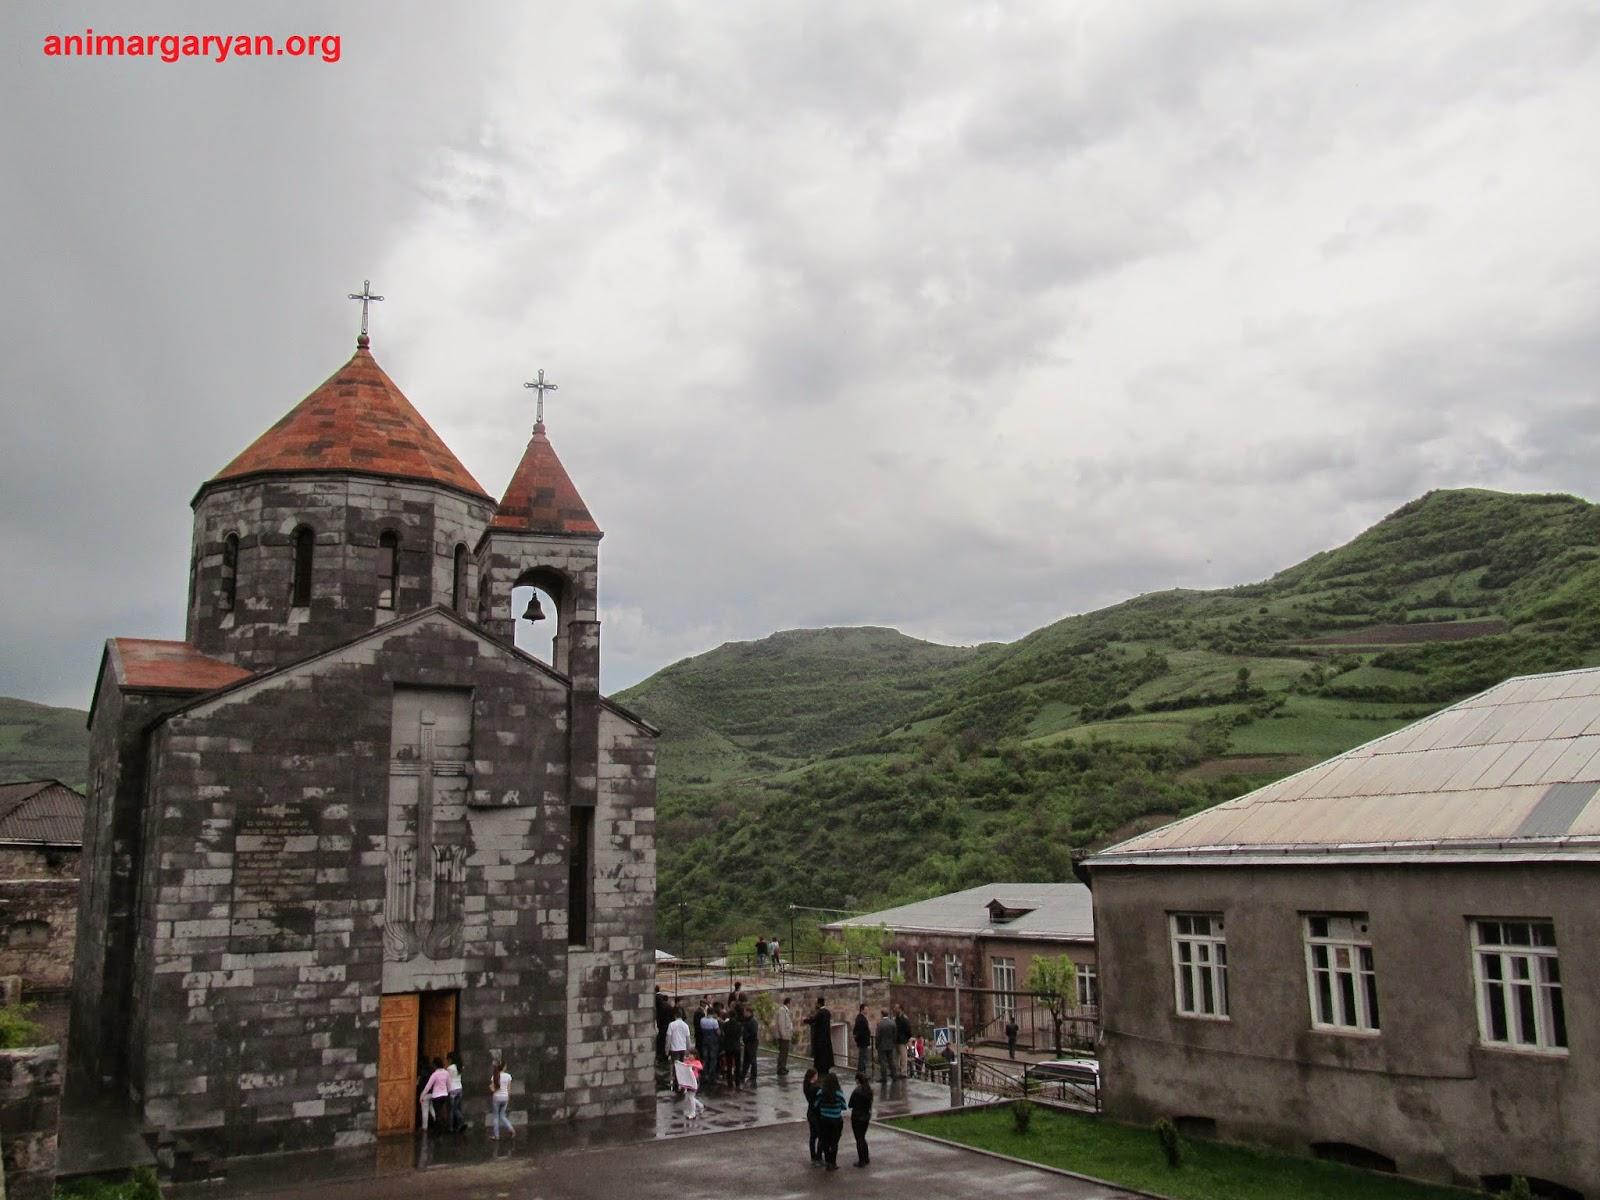 Մովսես գյուղի եկեղեցին՝ անձրևից հետո